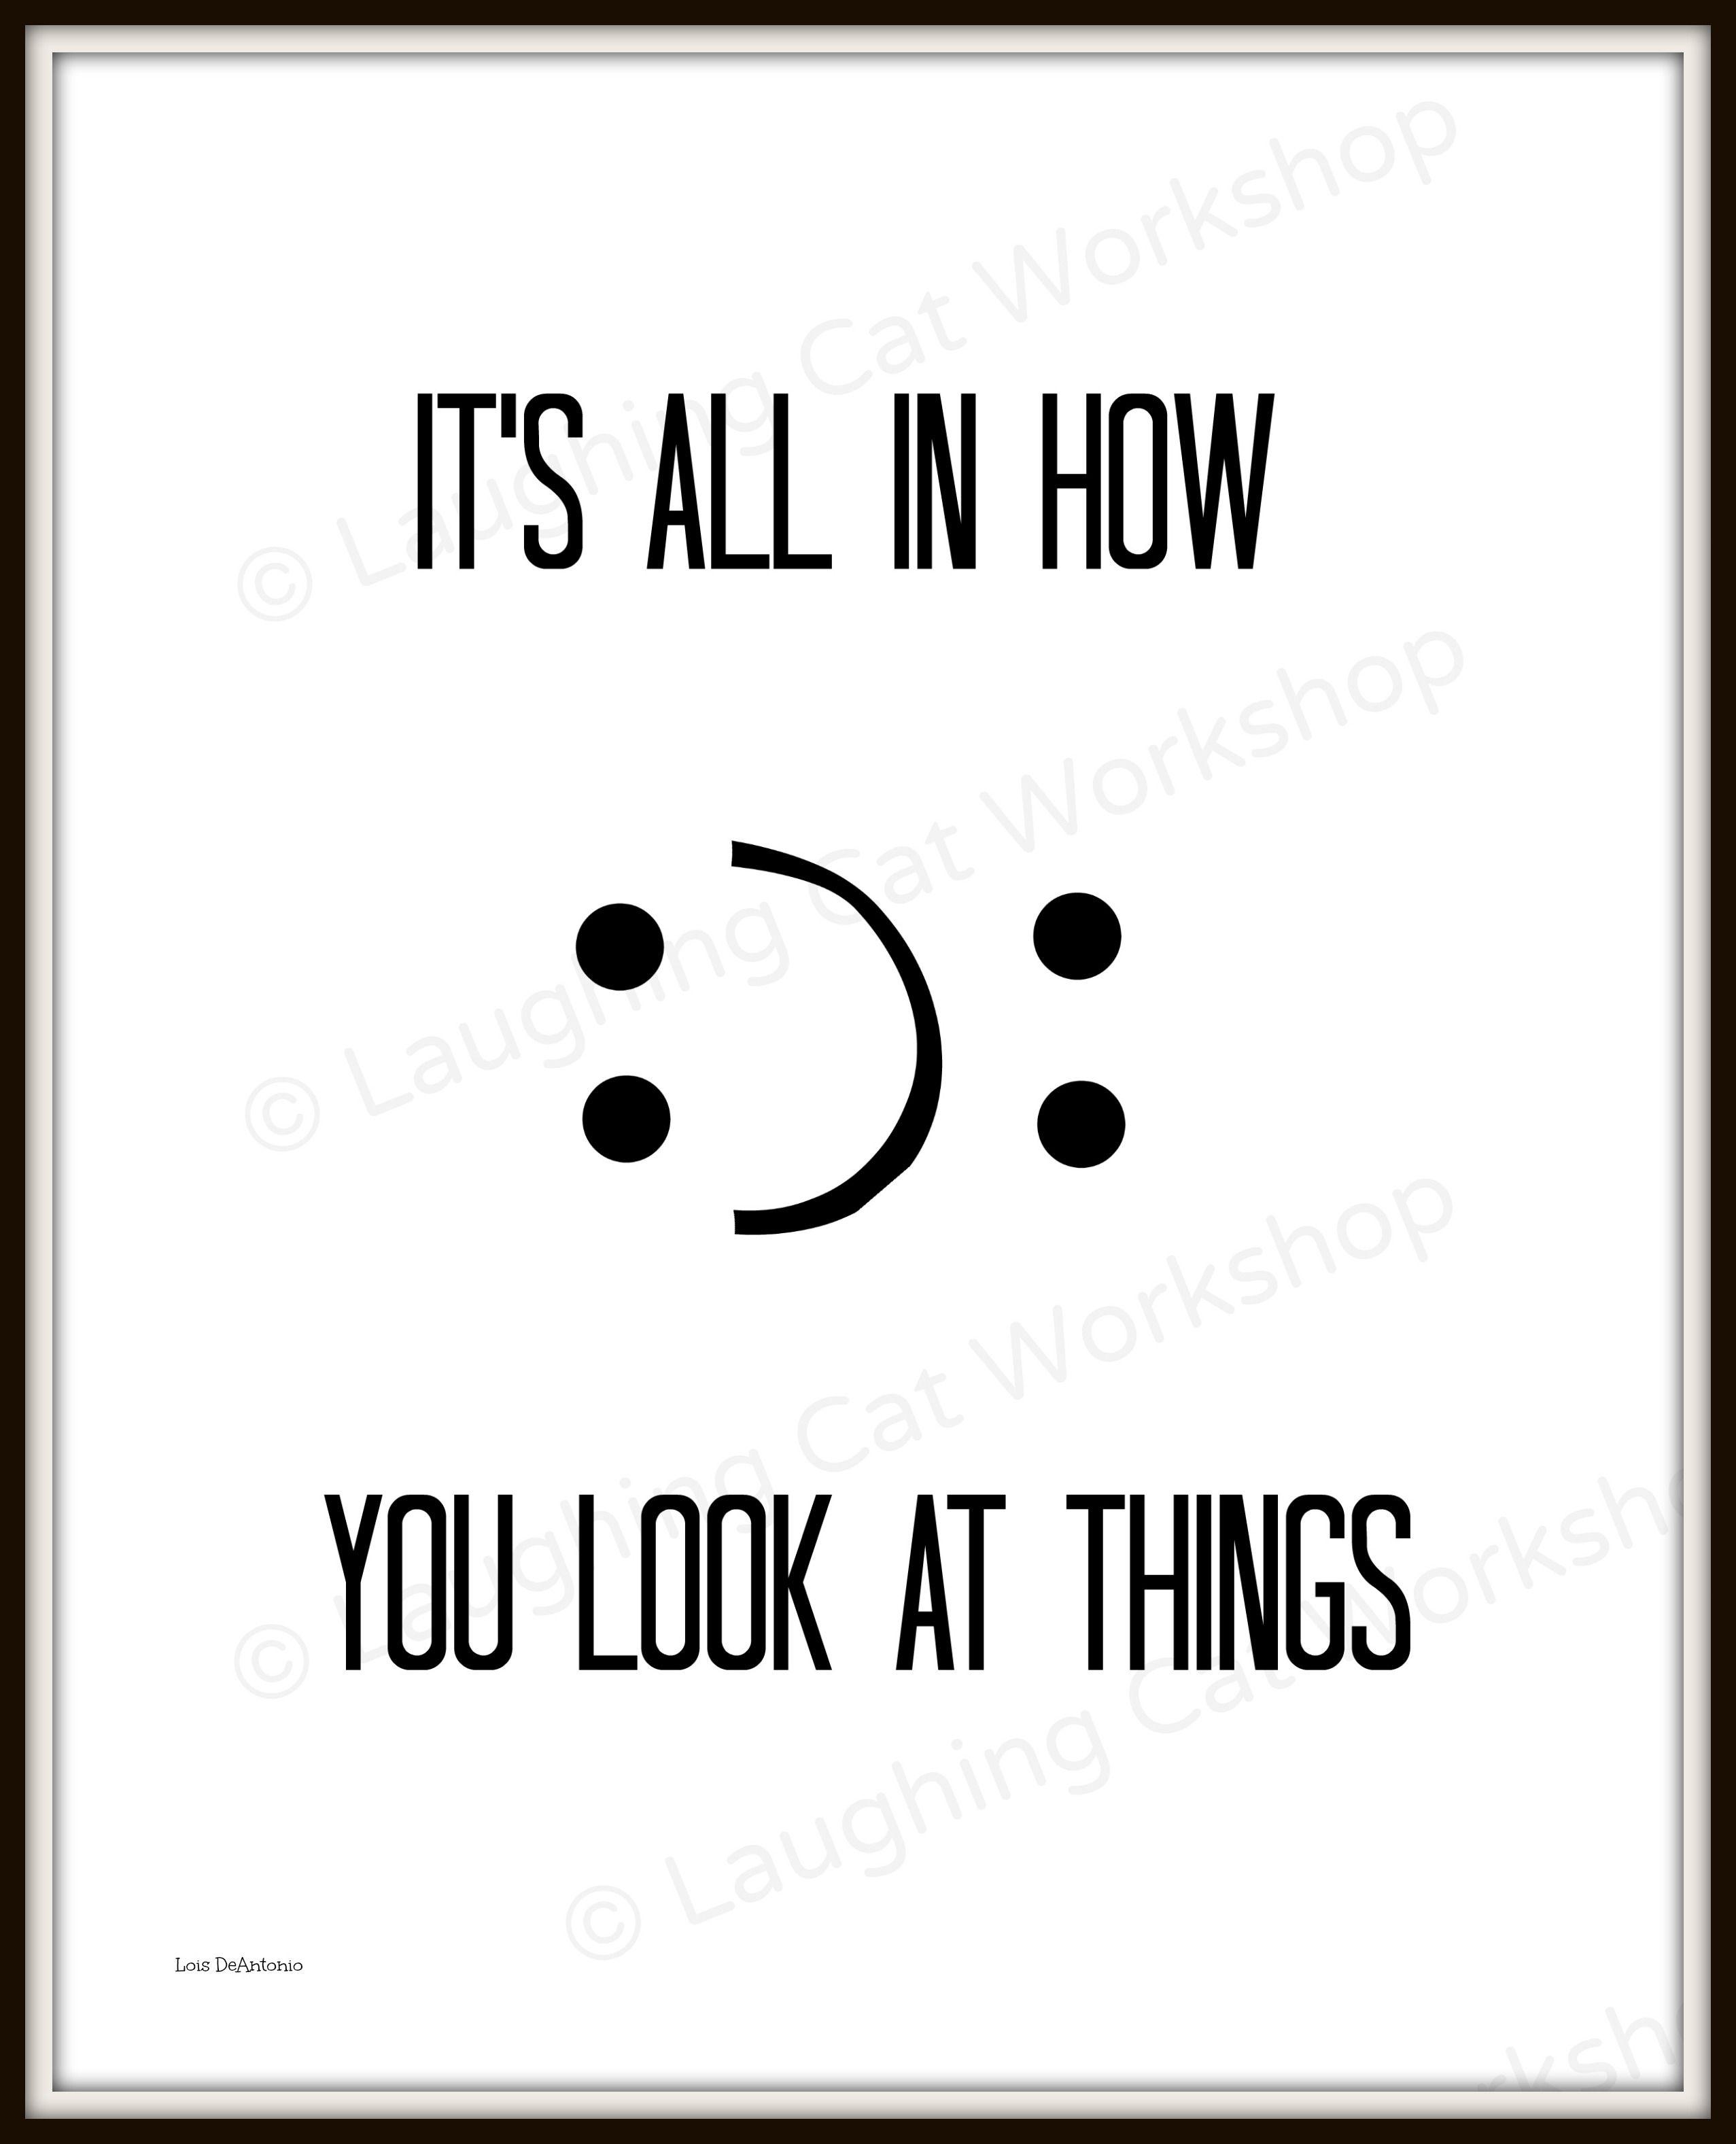 Inspirational optimism optimistic inspirationalQuotes fice